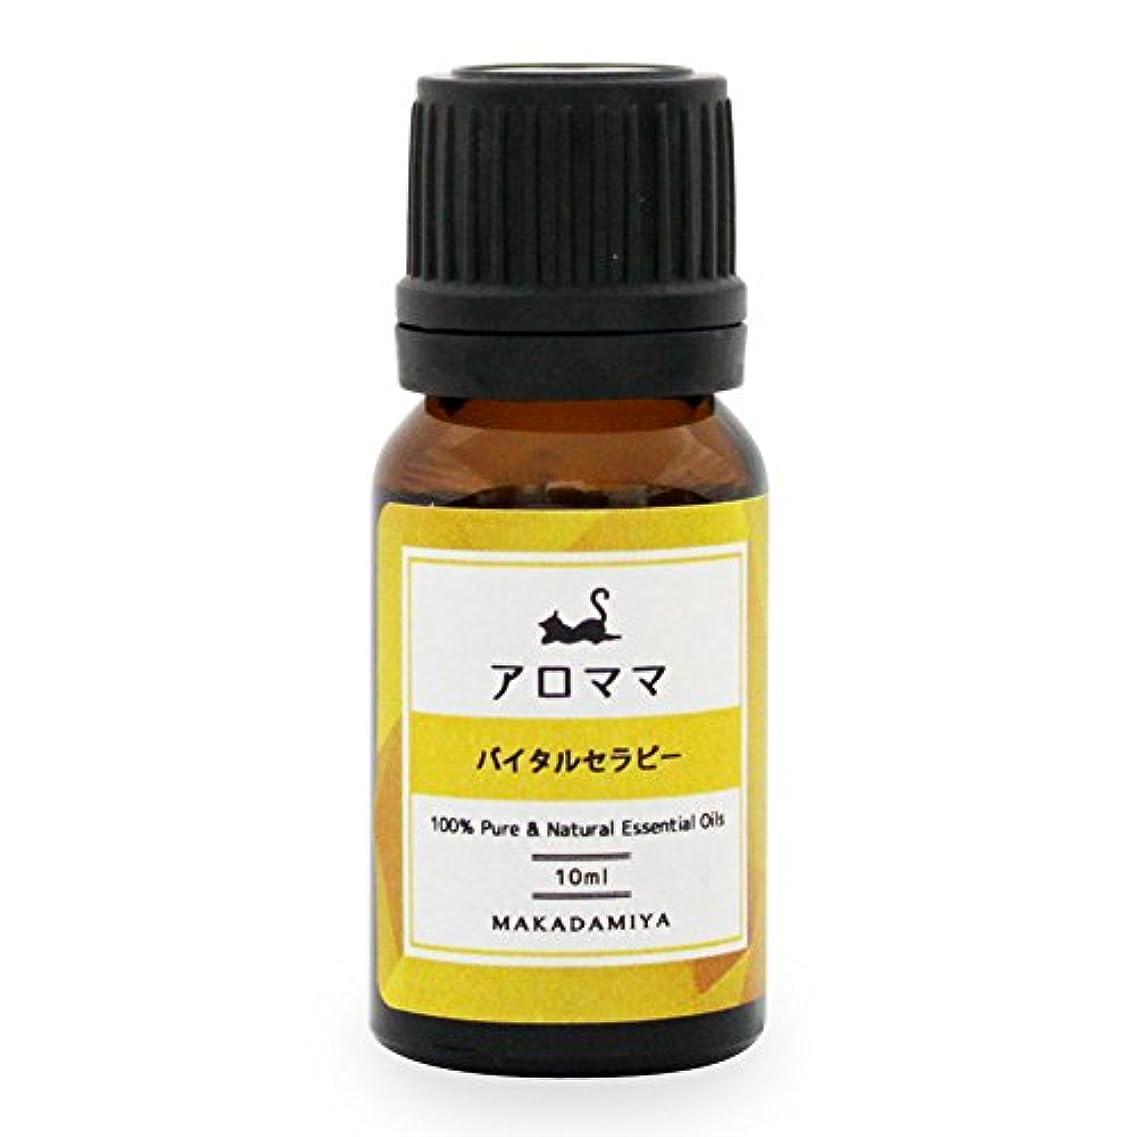 予感保護他の日妊活用アロマ10ml 妊活中の女性の為に特別な香りで癒す。 アロママ